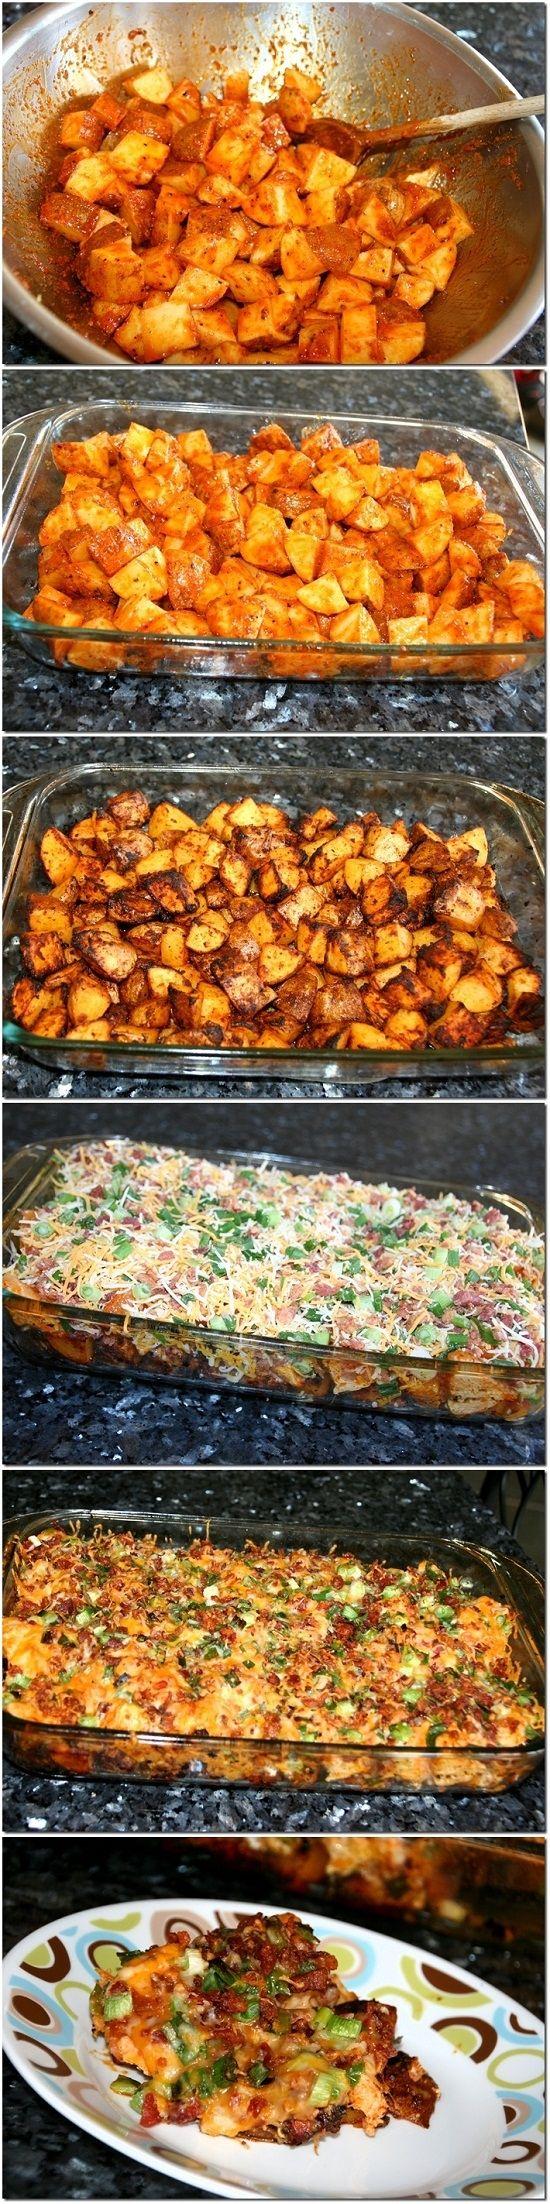 Loaded Potato & Buffalo Chicken Casserole Recipe